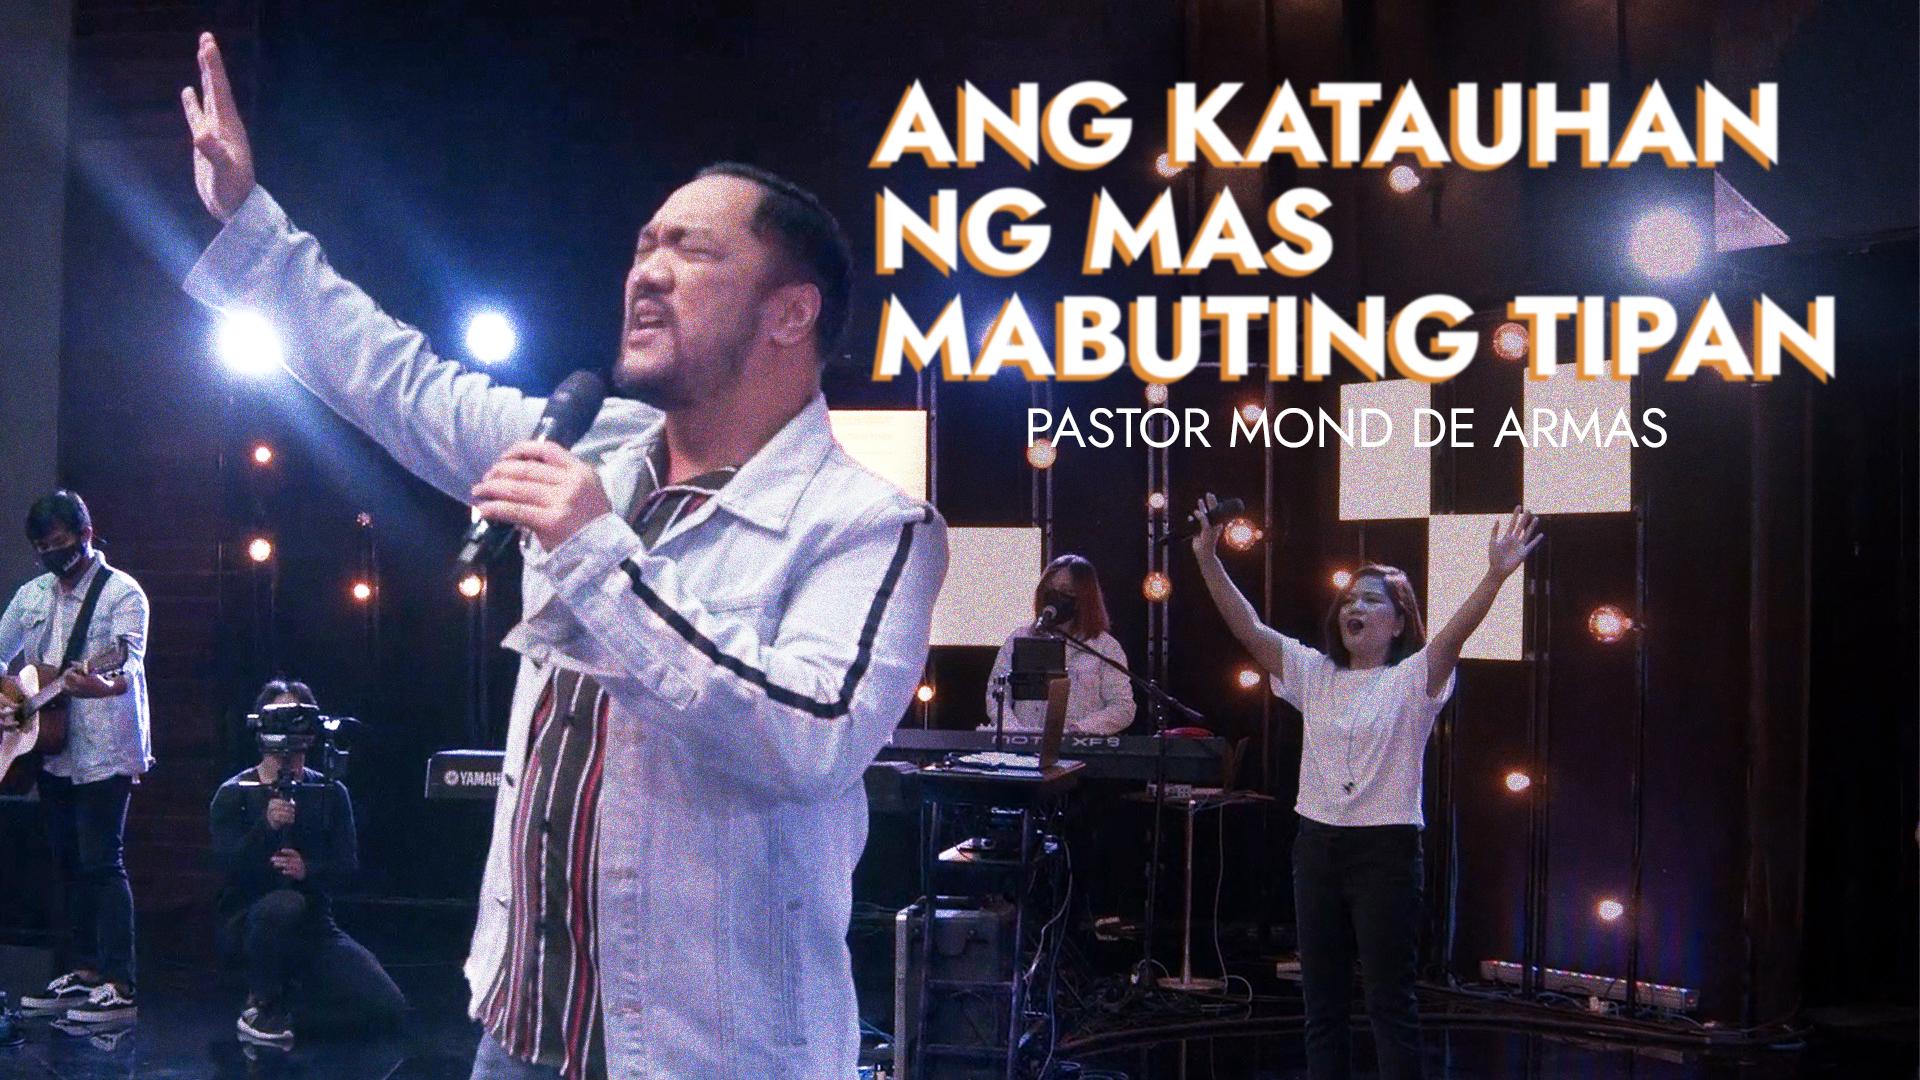 ANG KATAUHAN NG MAS MABUTING TIPAN Image